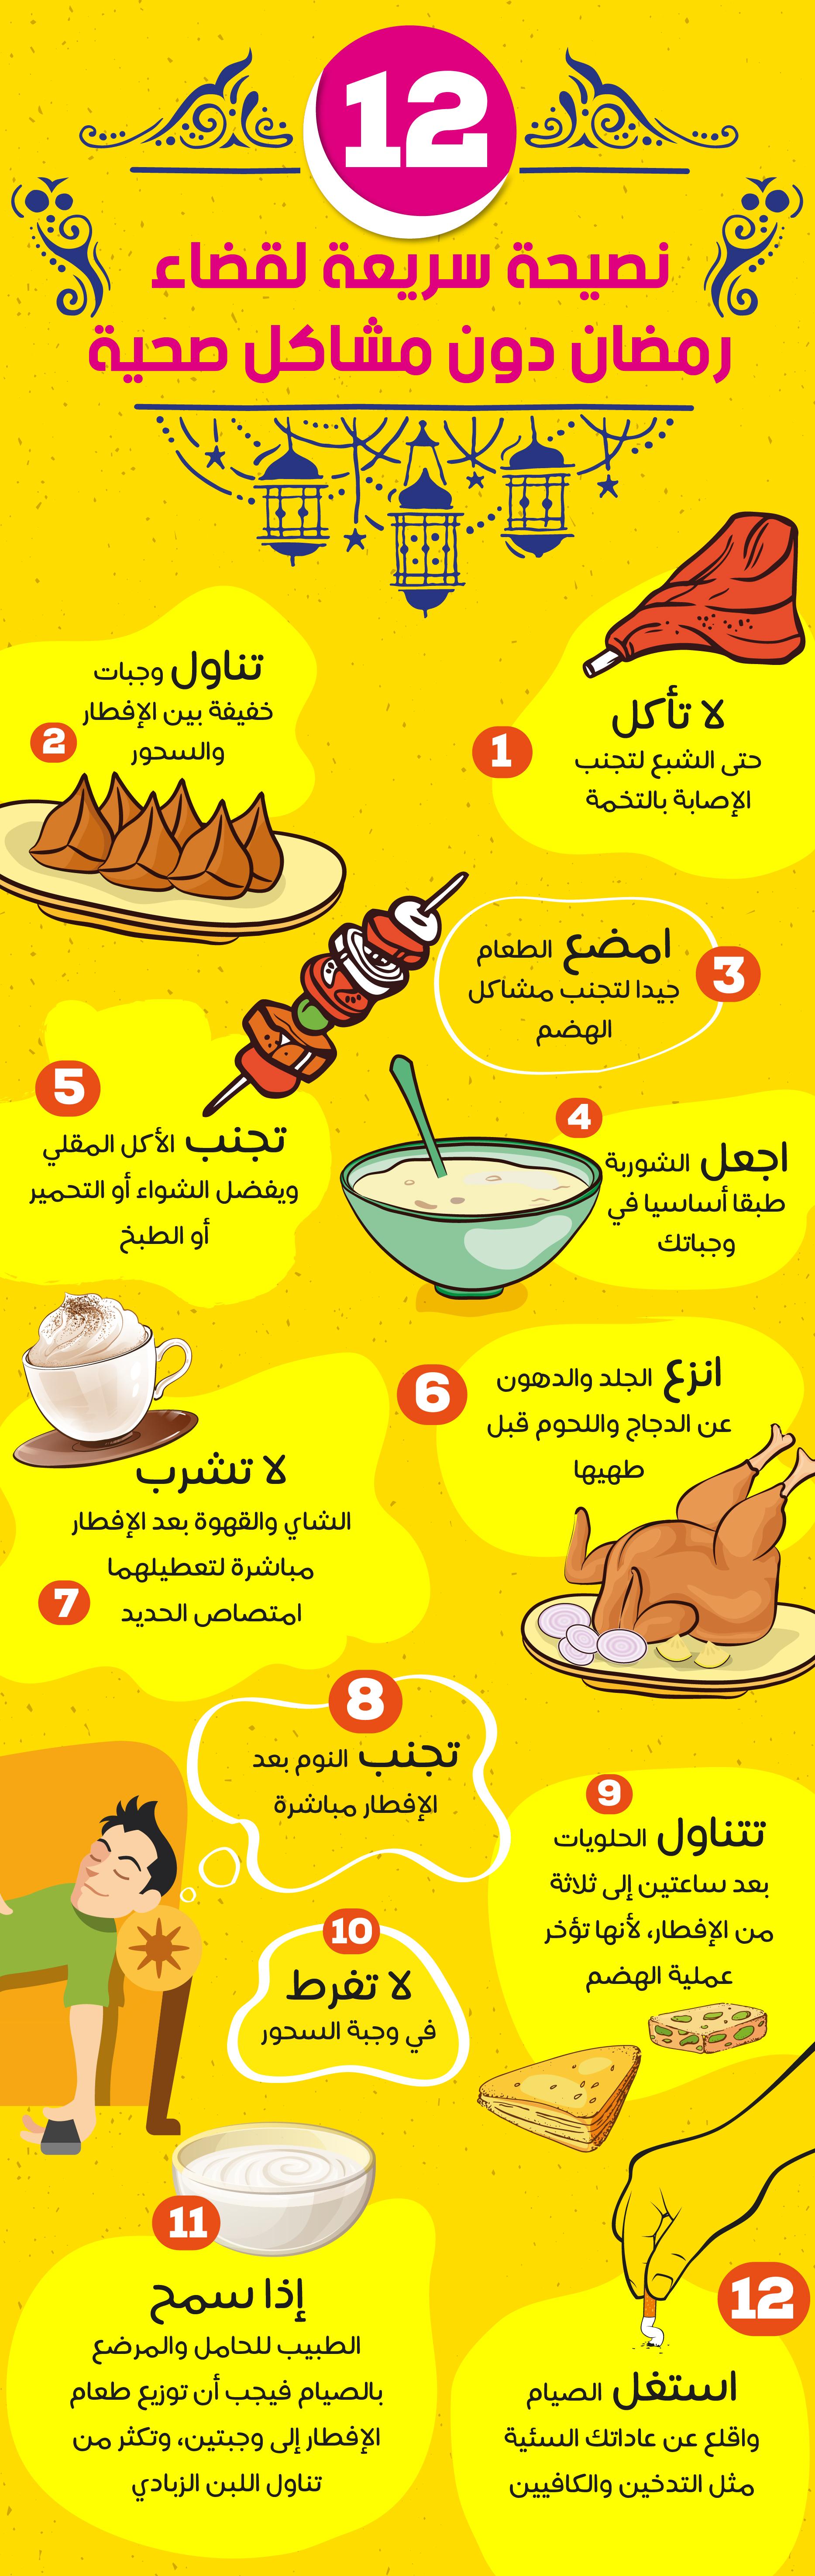 إنفوجرافيك 12 نصيحة سريعة لقضاء رمضان دون مشاكل صحية Fatafeat Food Tasty